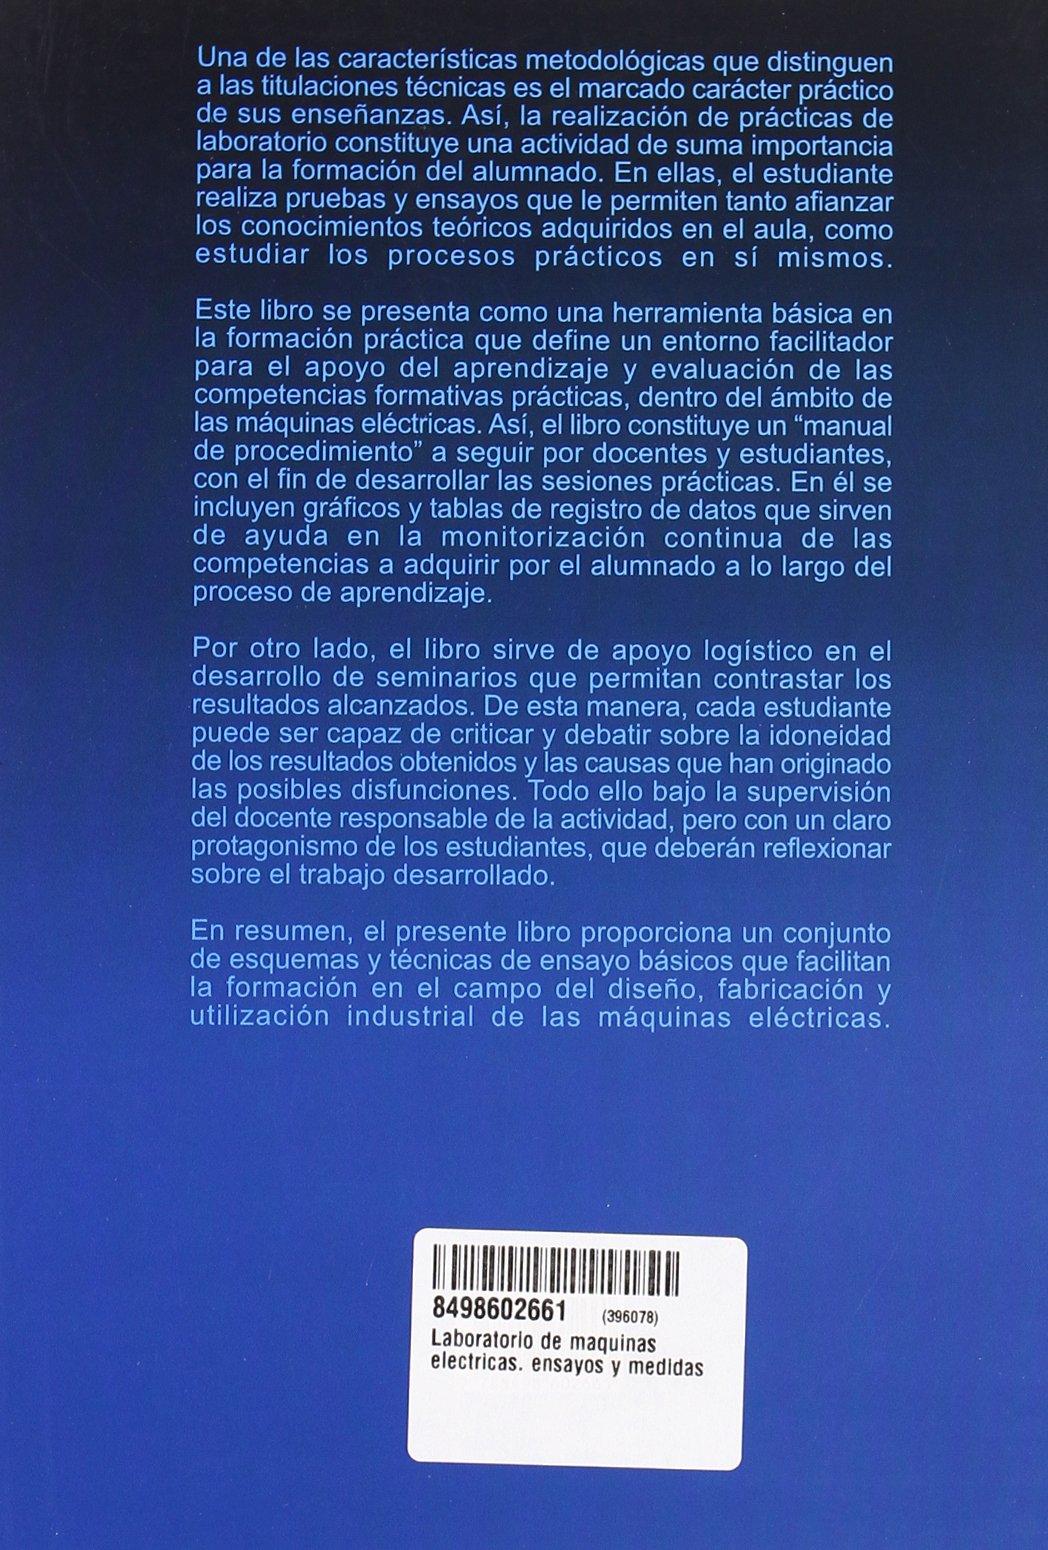 Laboratorio de máquinas eléctricas. Ensayos y medidas: Amazon.es: José Félix Miñambres Argüelles, Miguel Angel Zorrozua Arrieta, Inmaculada Zamora Belver, ...